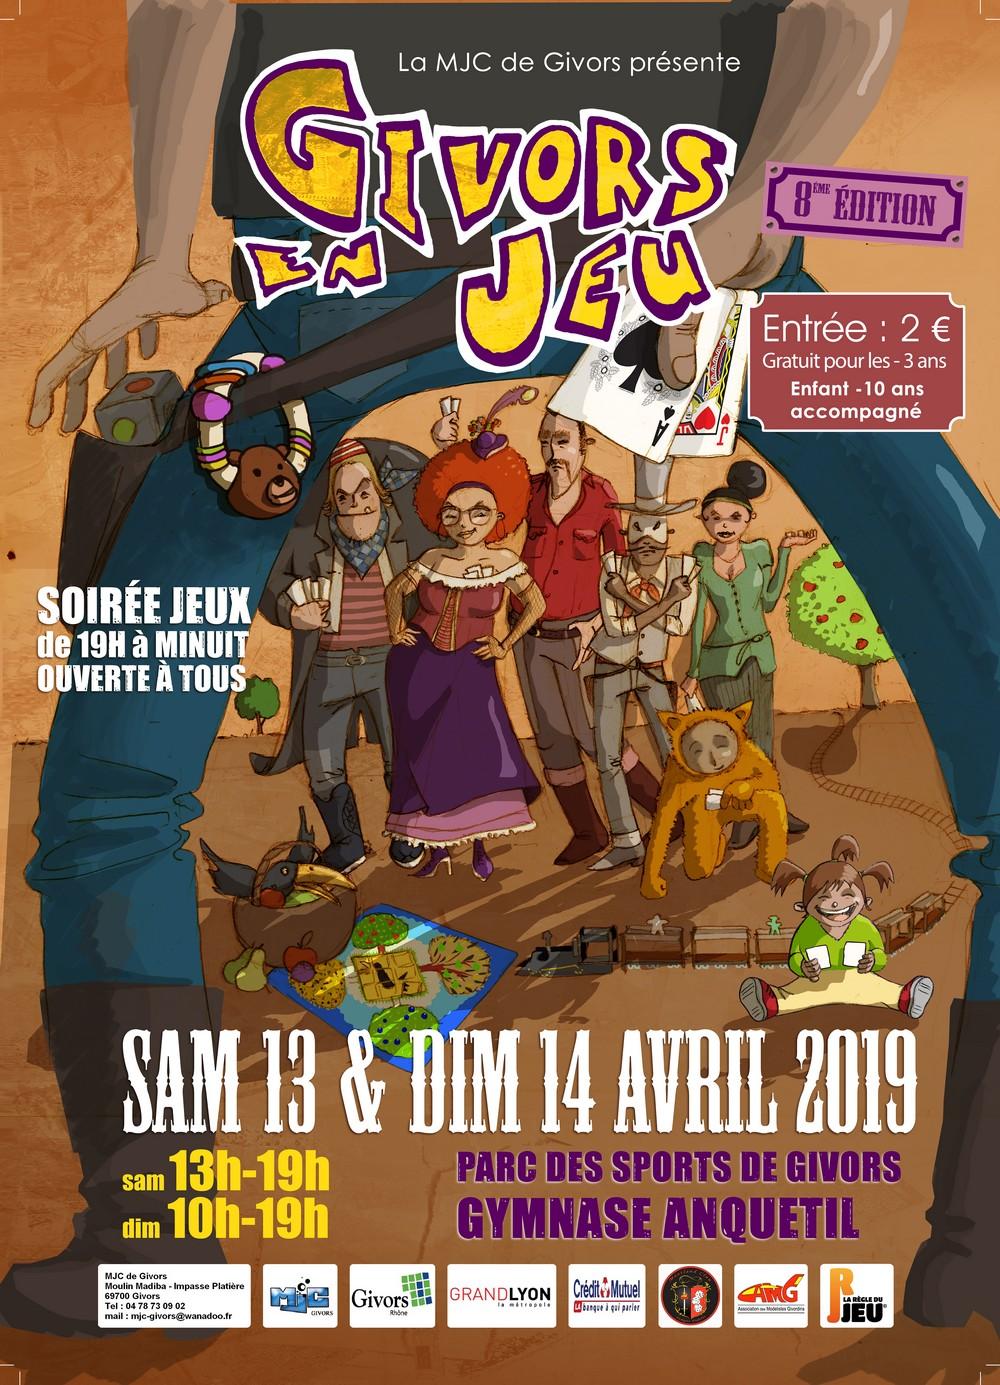 Festival Givors en jeu 2019